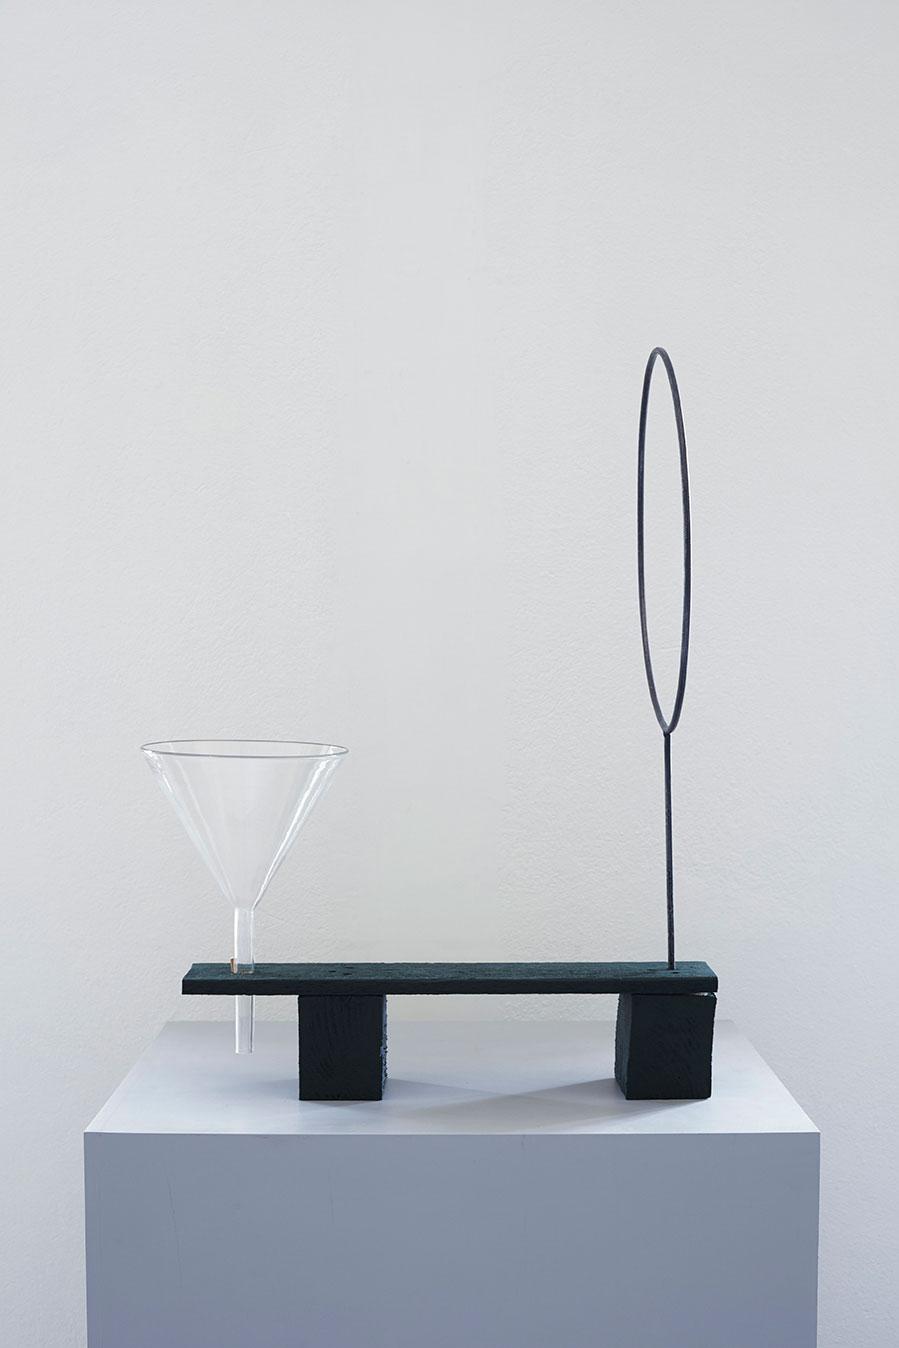 """Jakob Solgren, """"Fältutrustning"""", 2016. Wood, glassware, iron, 66 x 46,5 cm,"""